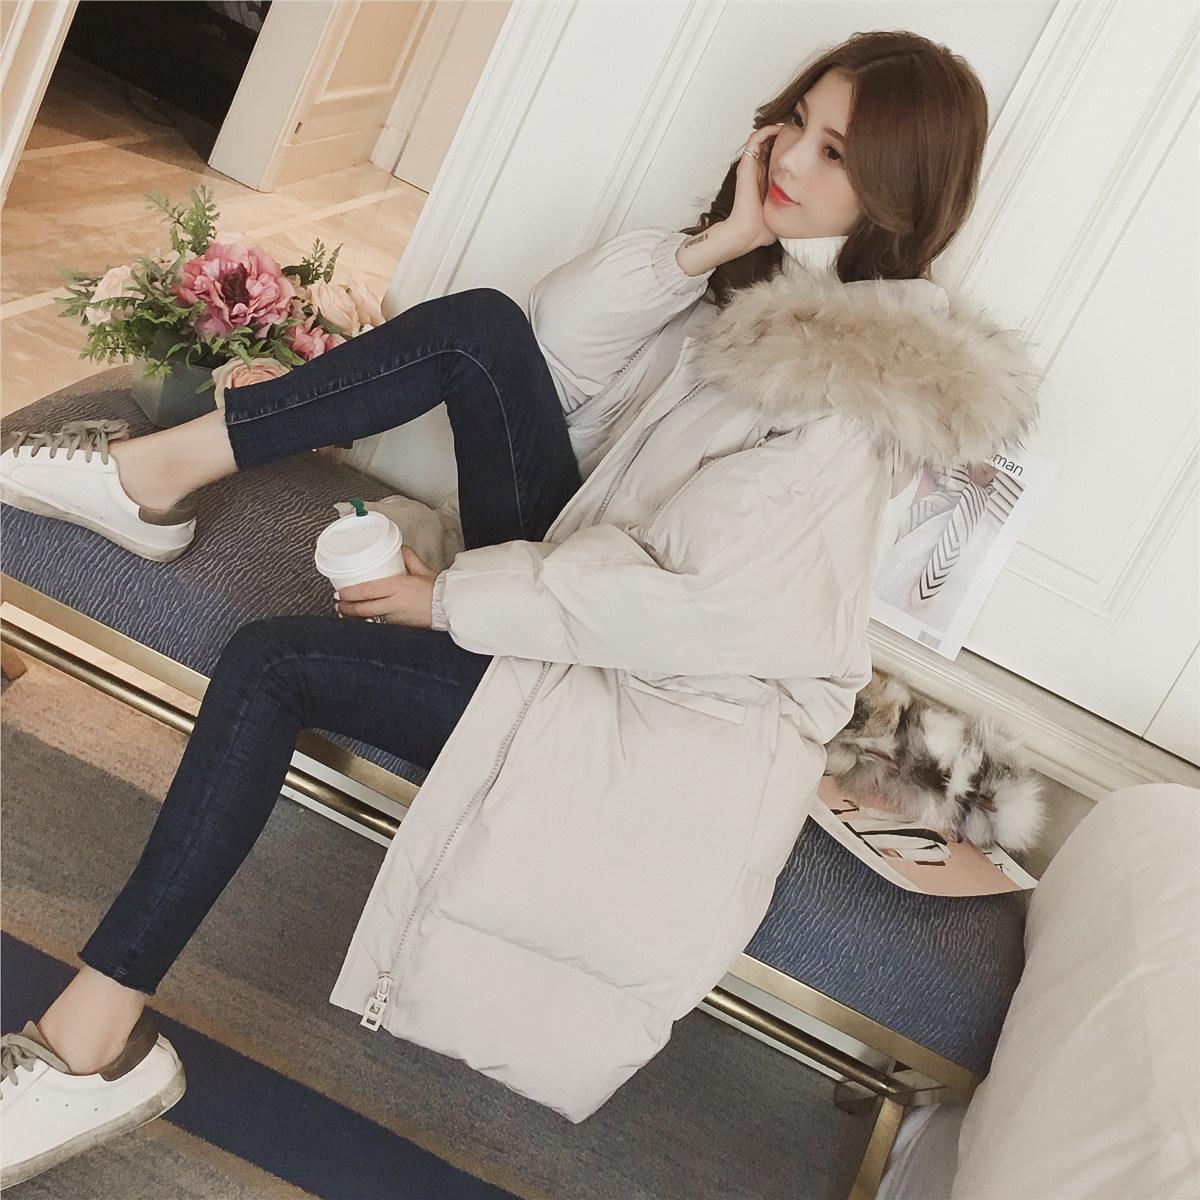 Chống mùa bông quần áo phụ nữ phần dài mùa đông 2018 mới Hàn Quốc phiên bản của áo bông dày hoang dã bông áo khoác mùa đông bọ cạp